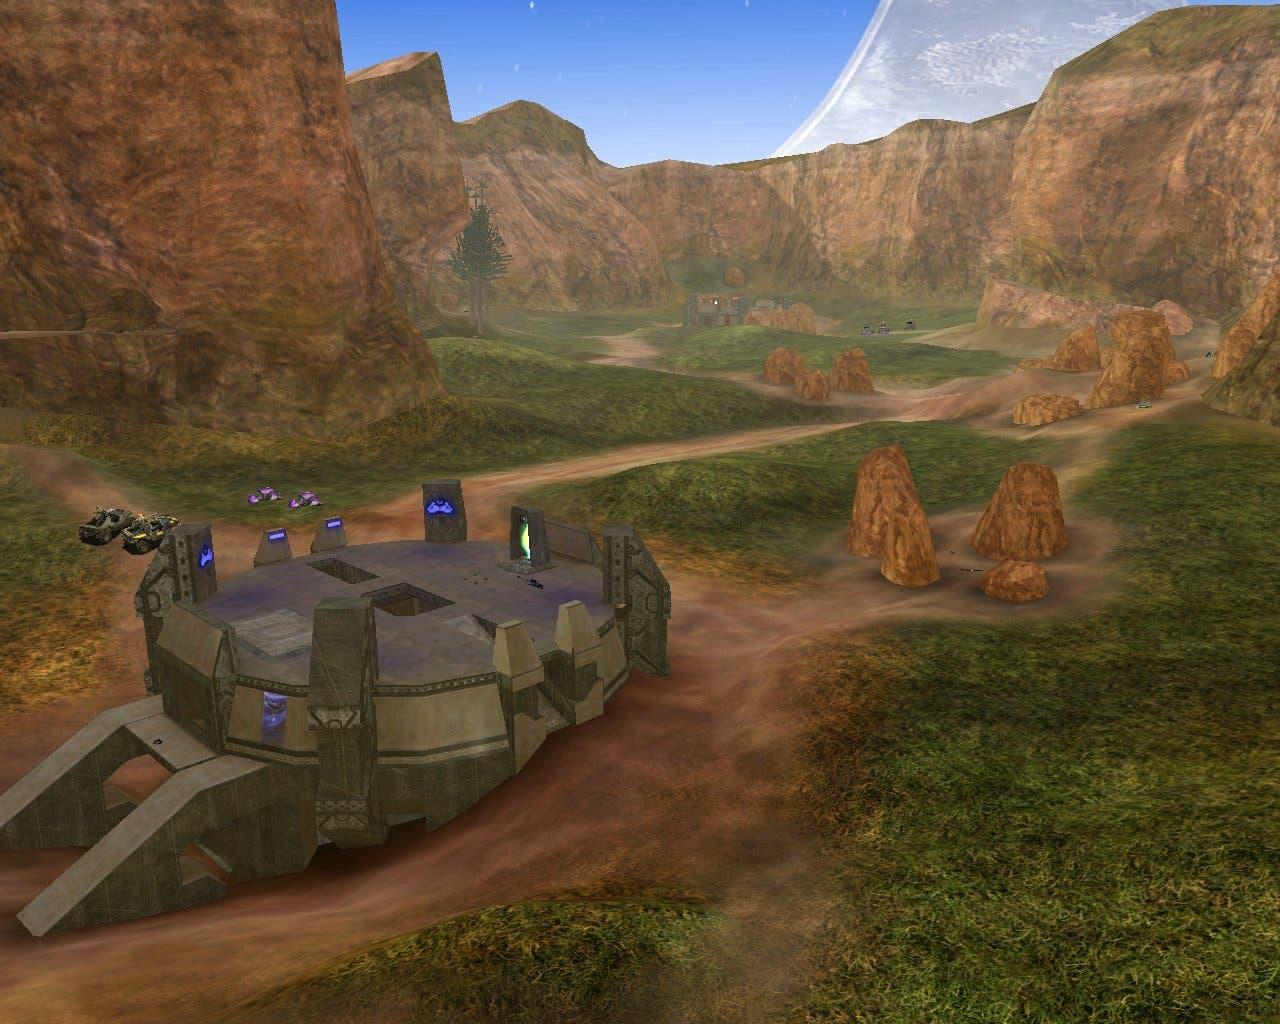 evento de Halo llegaría a Fortnite